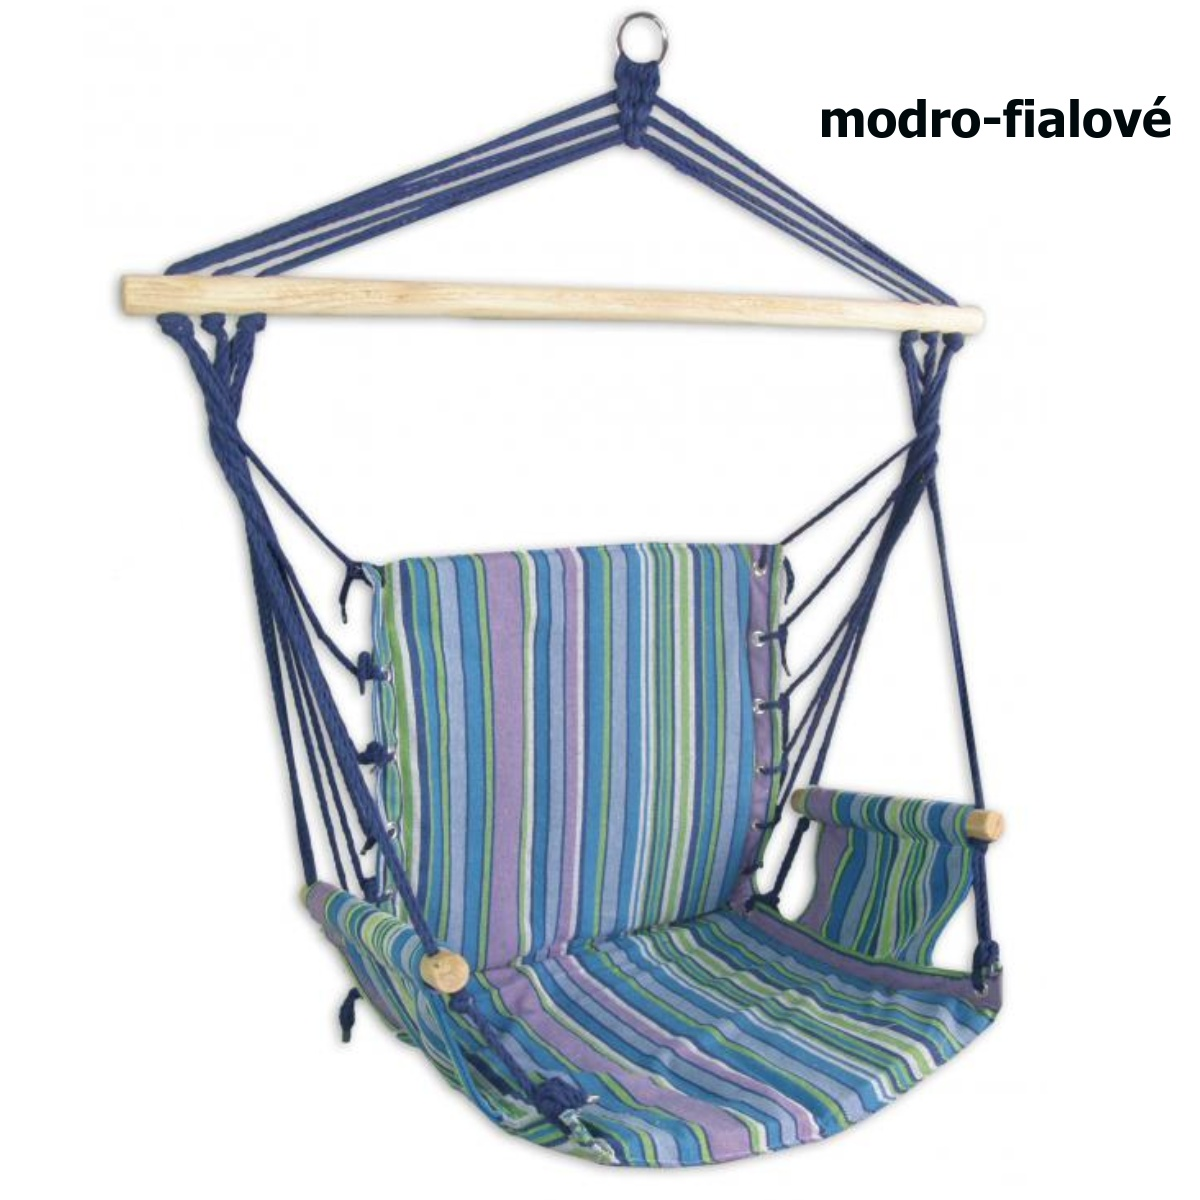 Hojdacie kreslo SEDCO Bavlna Relax 103 x 56 cm - modro-fialové